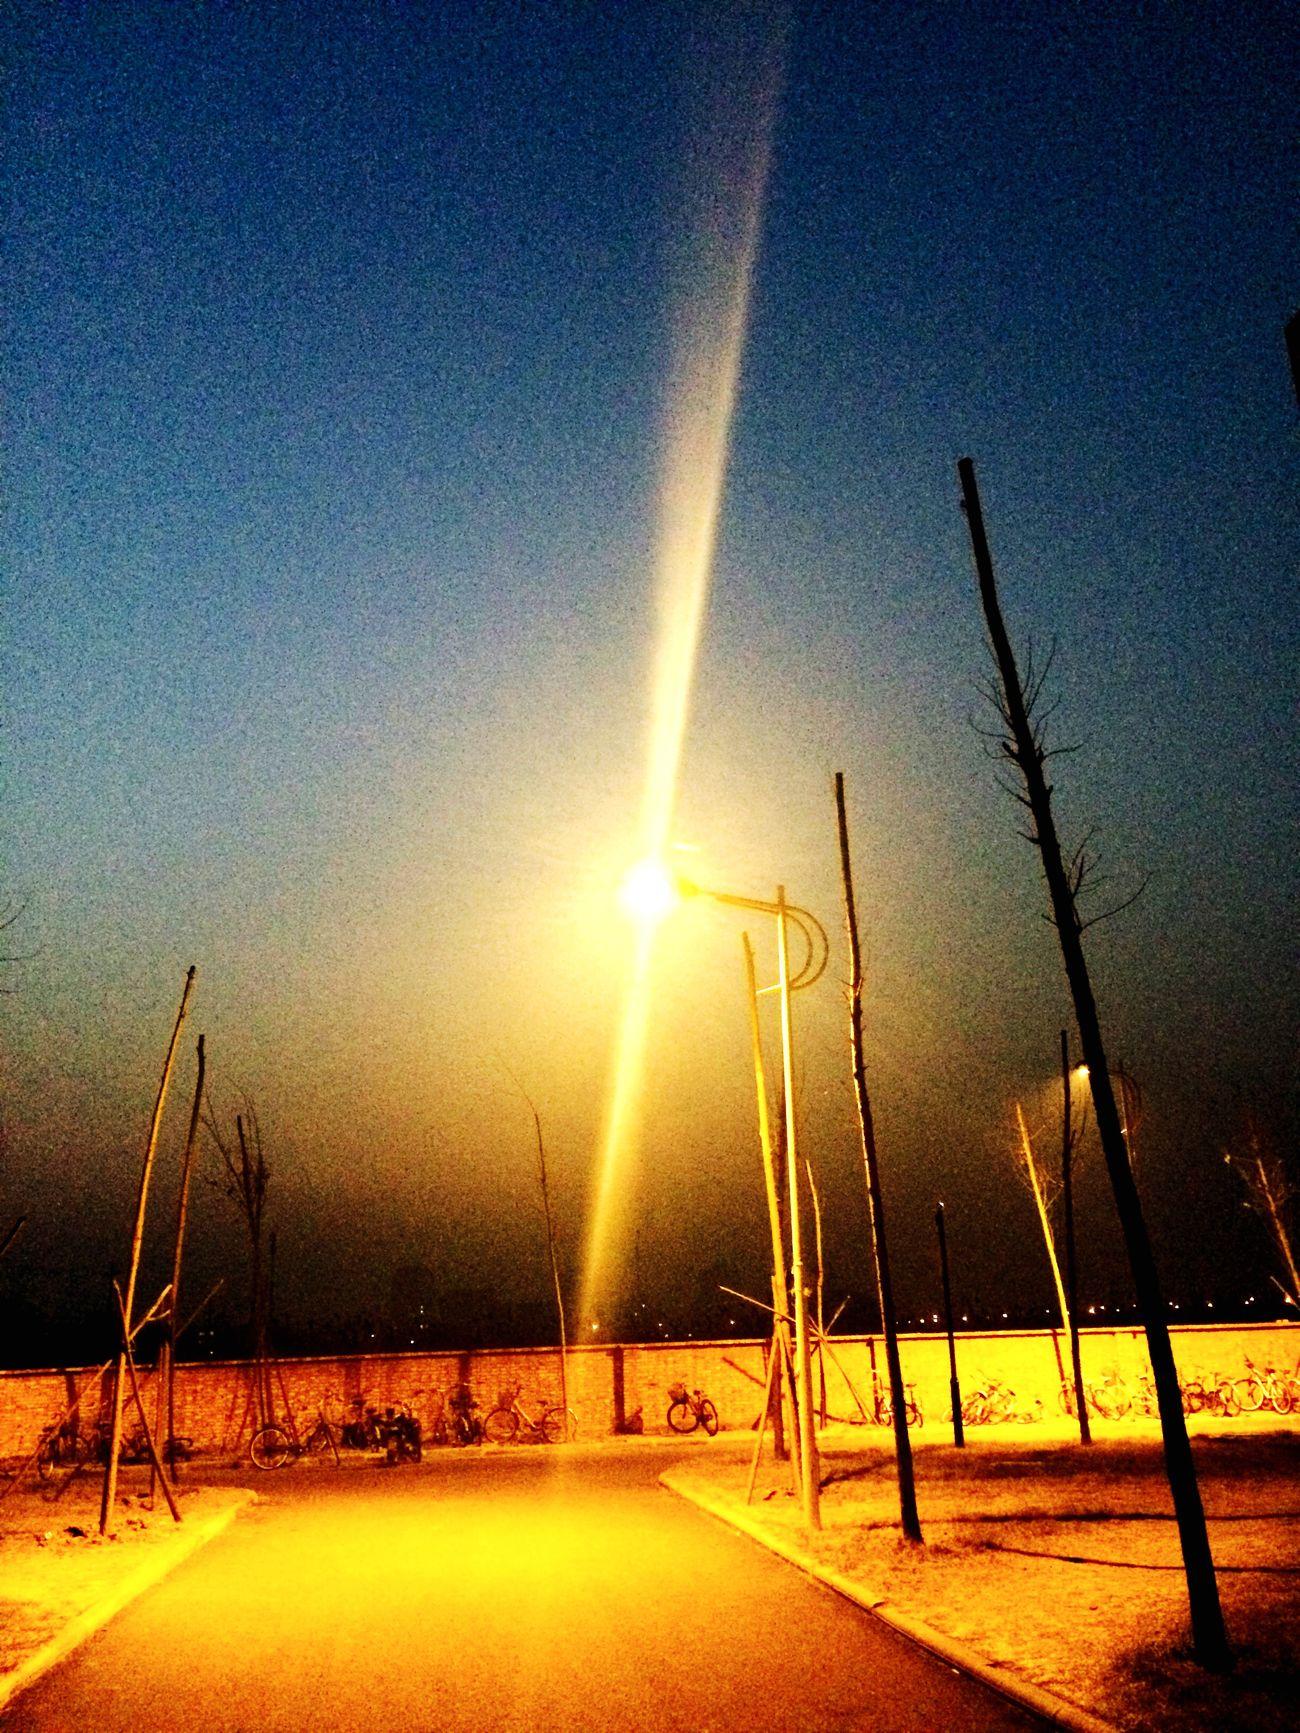 空荡的学校,孤单的路灯。我想回家,我想你了。 Enjoying Life